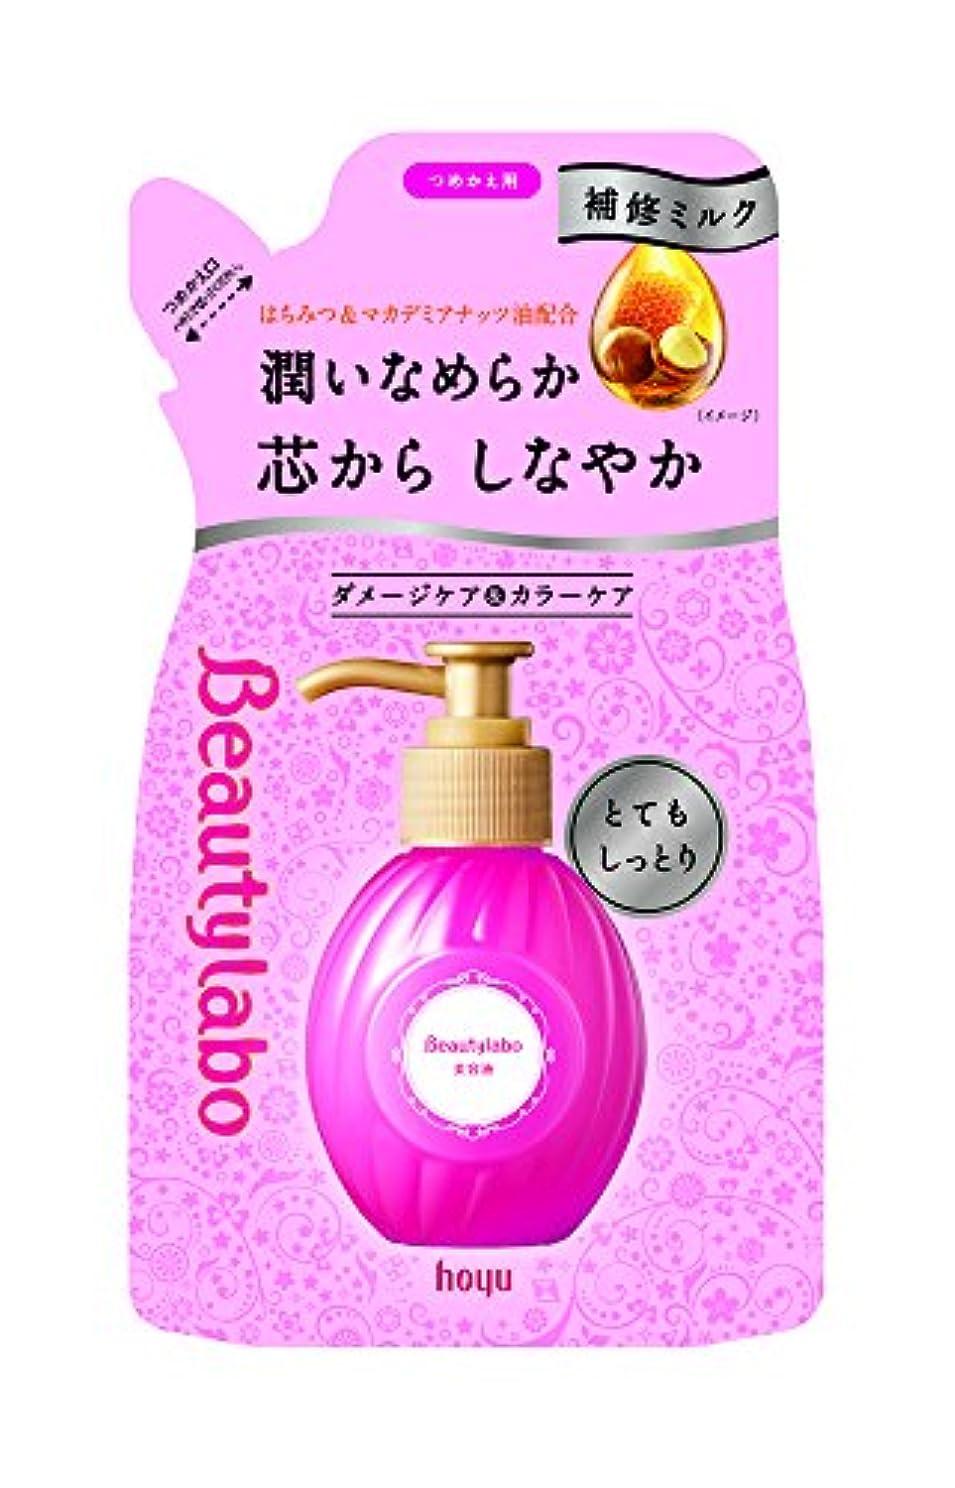 相談ミケランジェロいまビューティラボ 美容液 つめかえ用 とてもしっとり 110ml